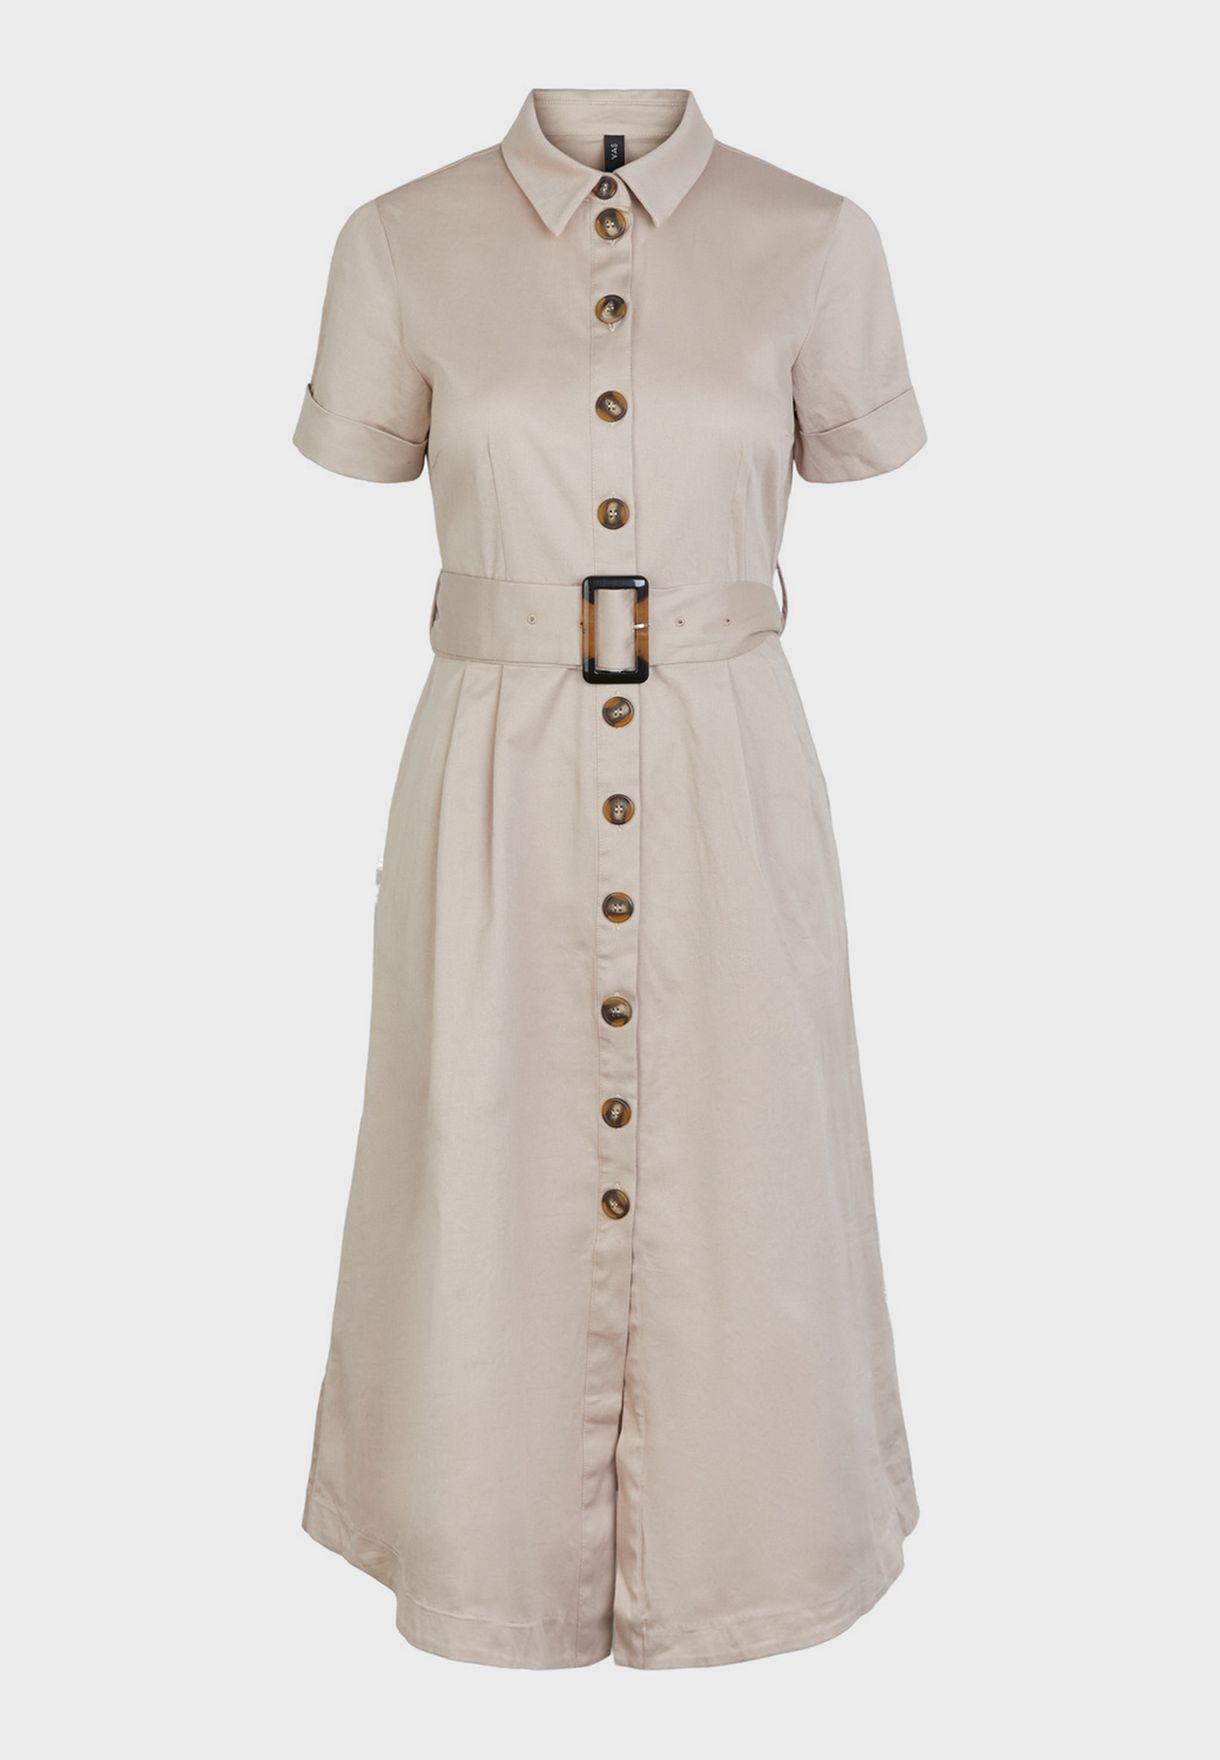 فستان بياقة كلاسيكية وحزام